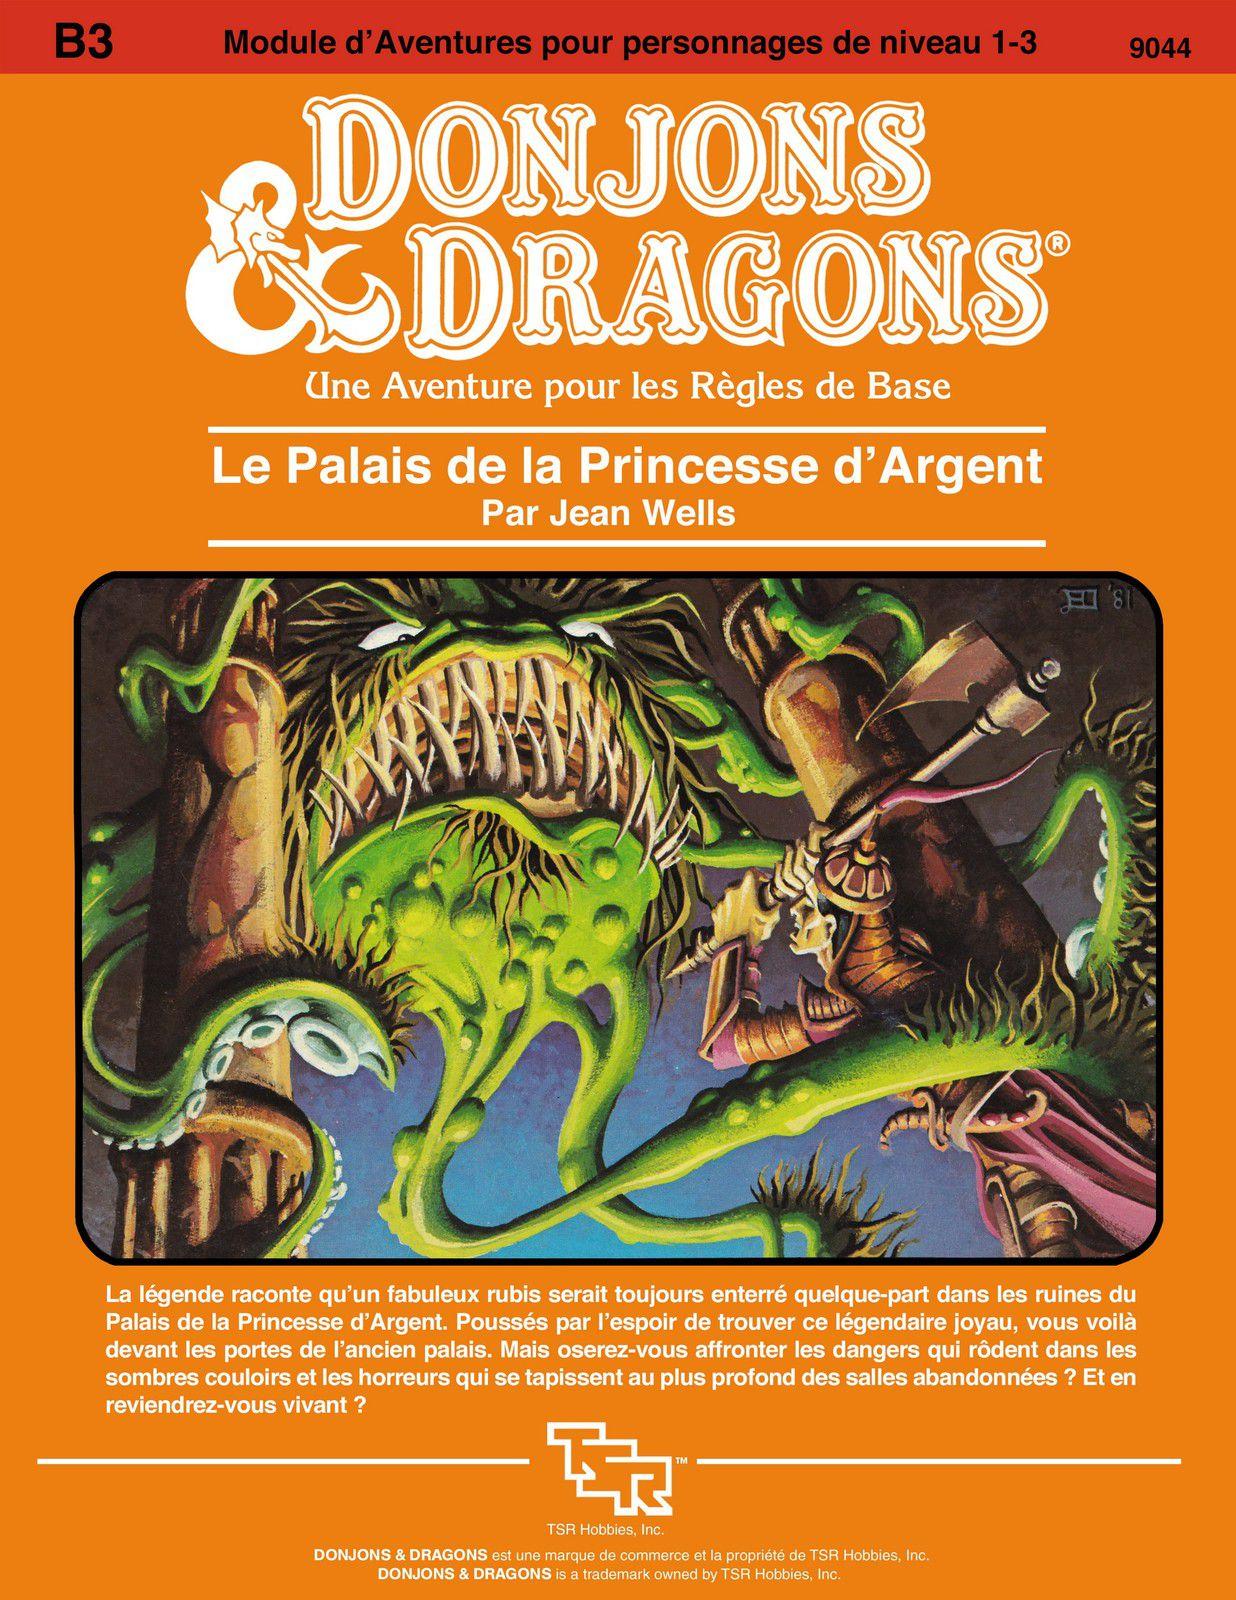 D&D module B3 : Le palais de la princesse d'argent